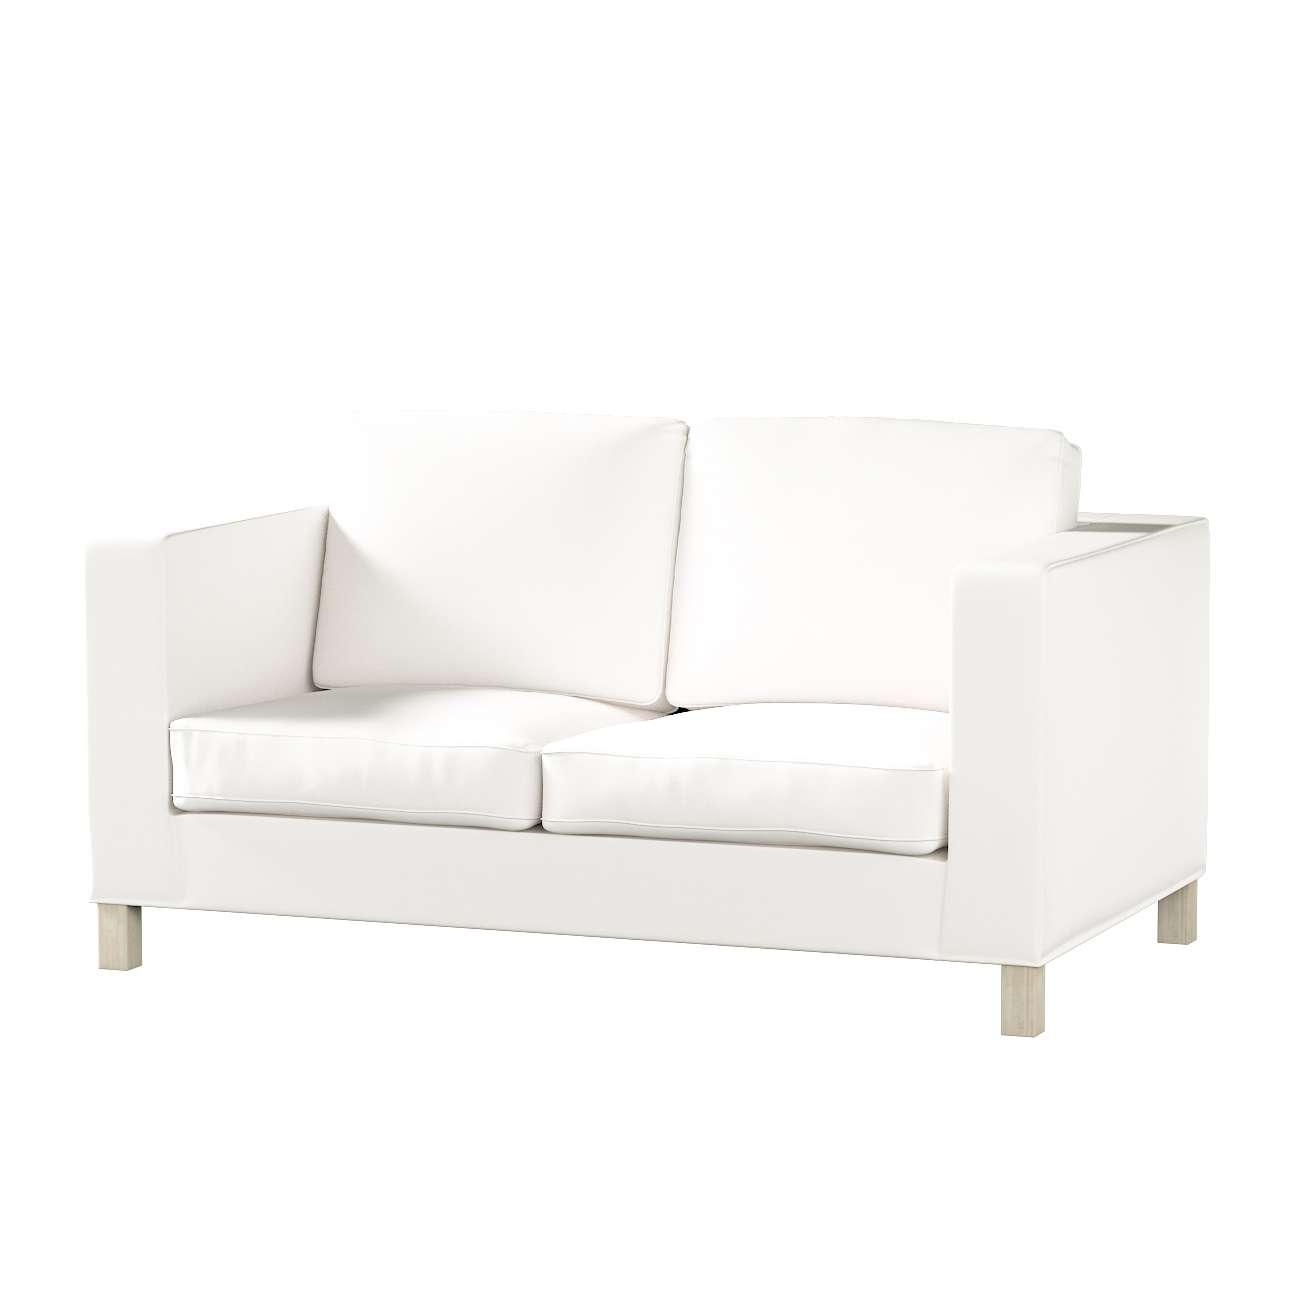 Bezug für Karlanda 2-Sitzer Sofa nicht ausklappbar, kurz von der Kollektion Cotton Panama, Stoff: 702-34